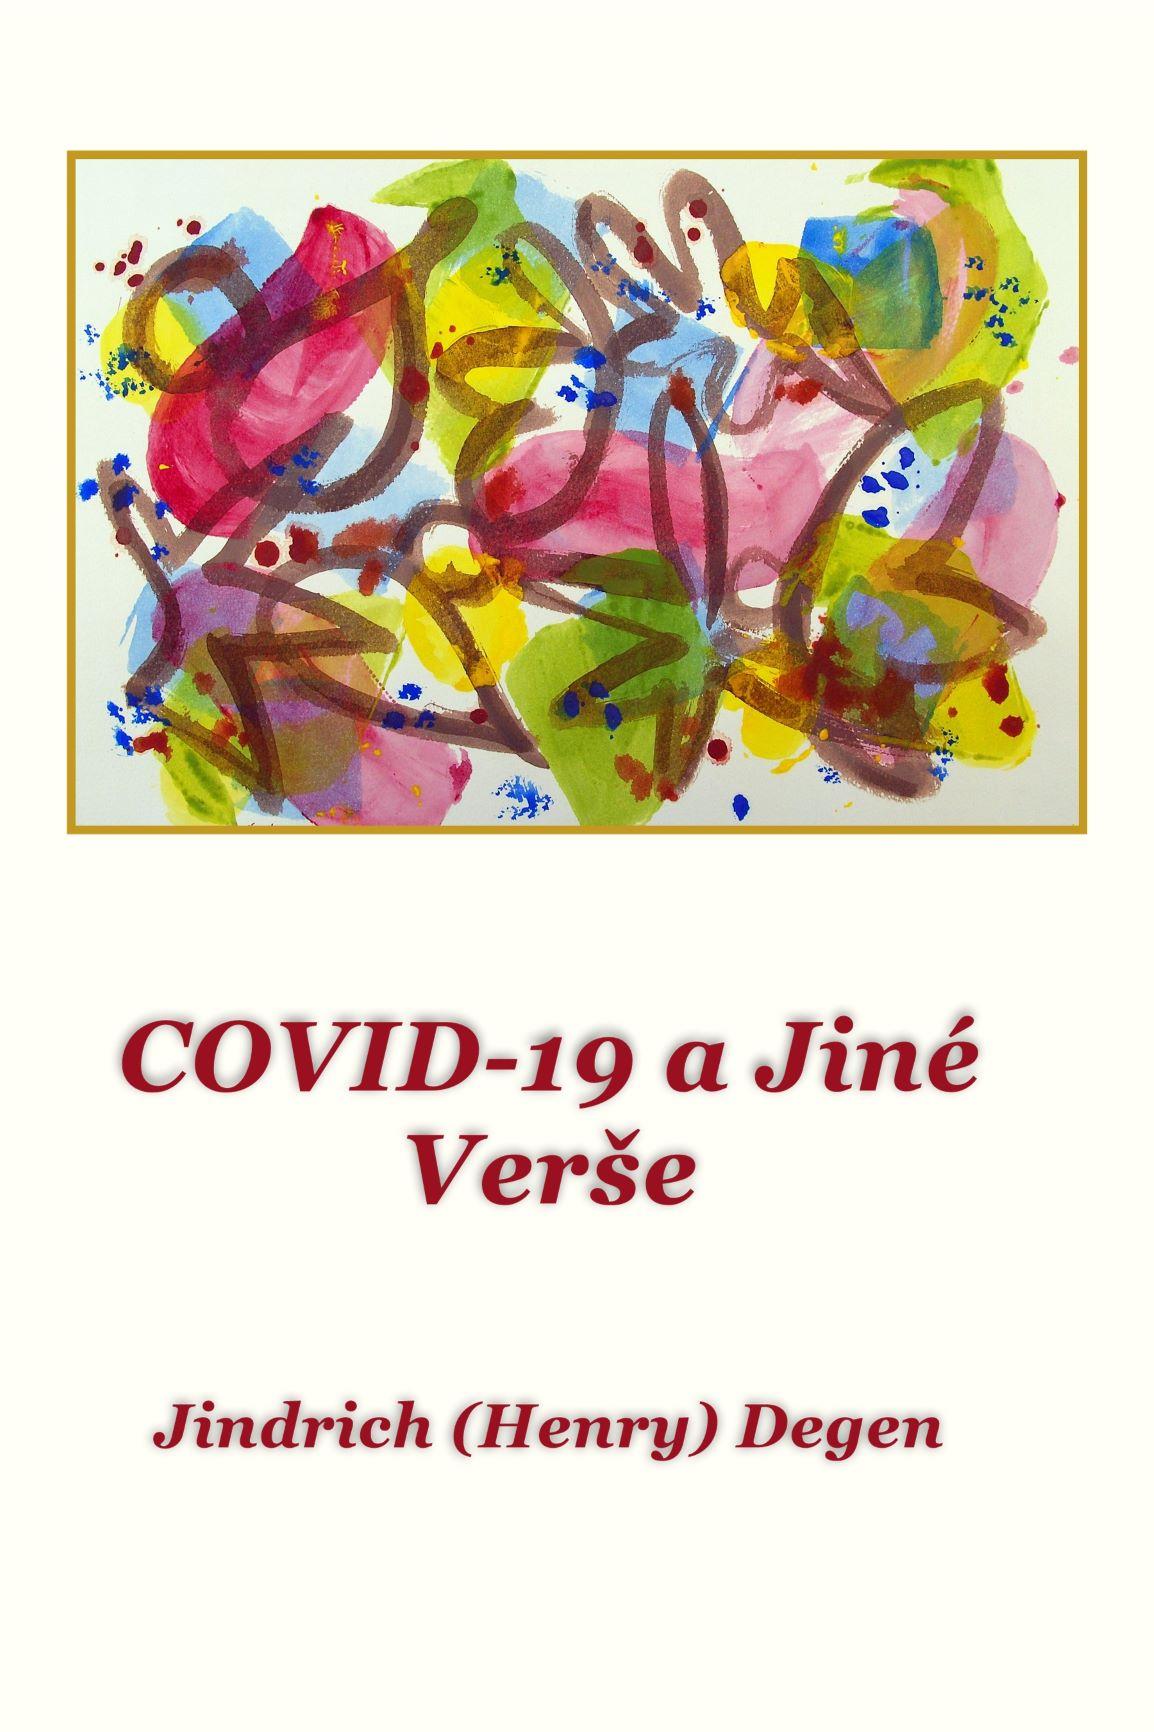 COVID-19 cover